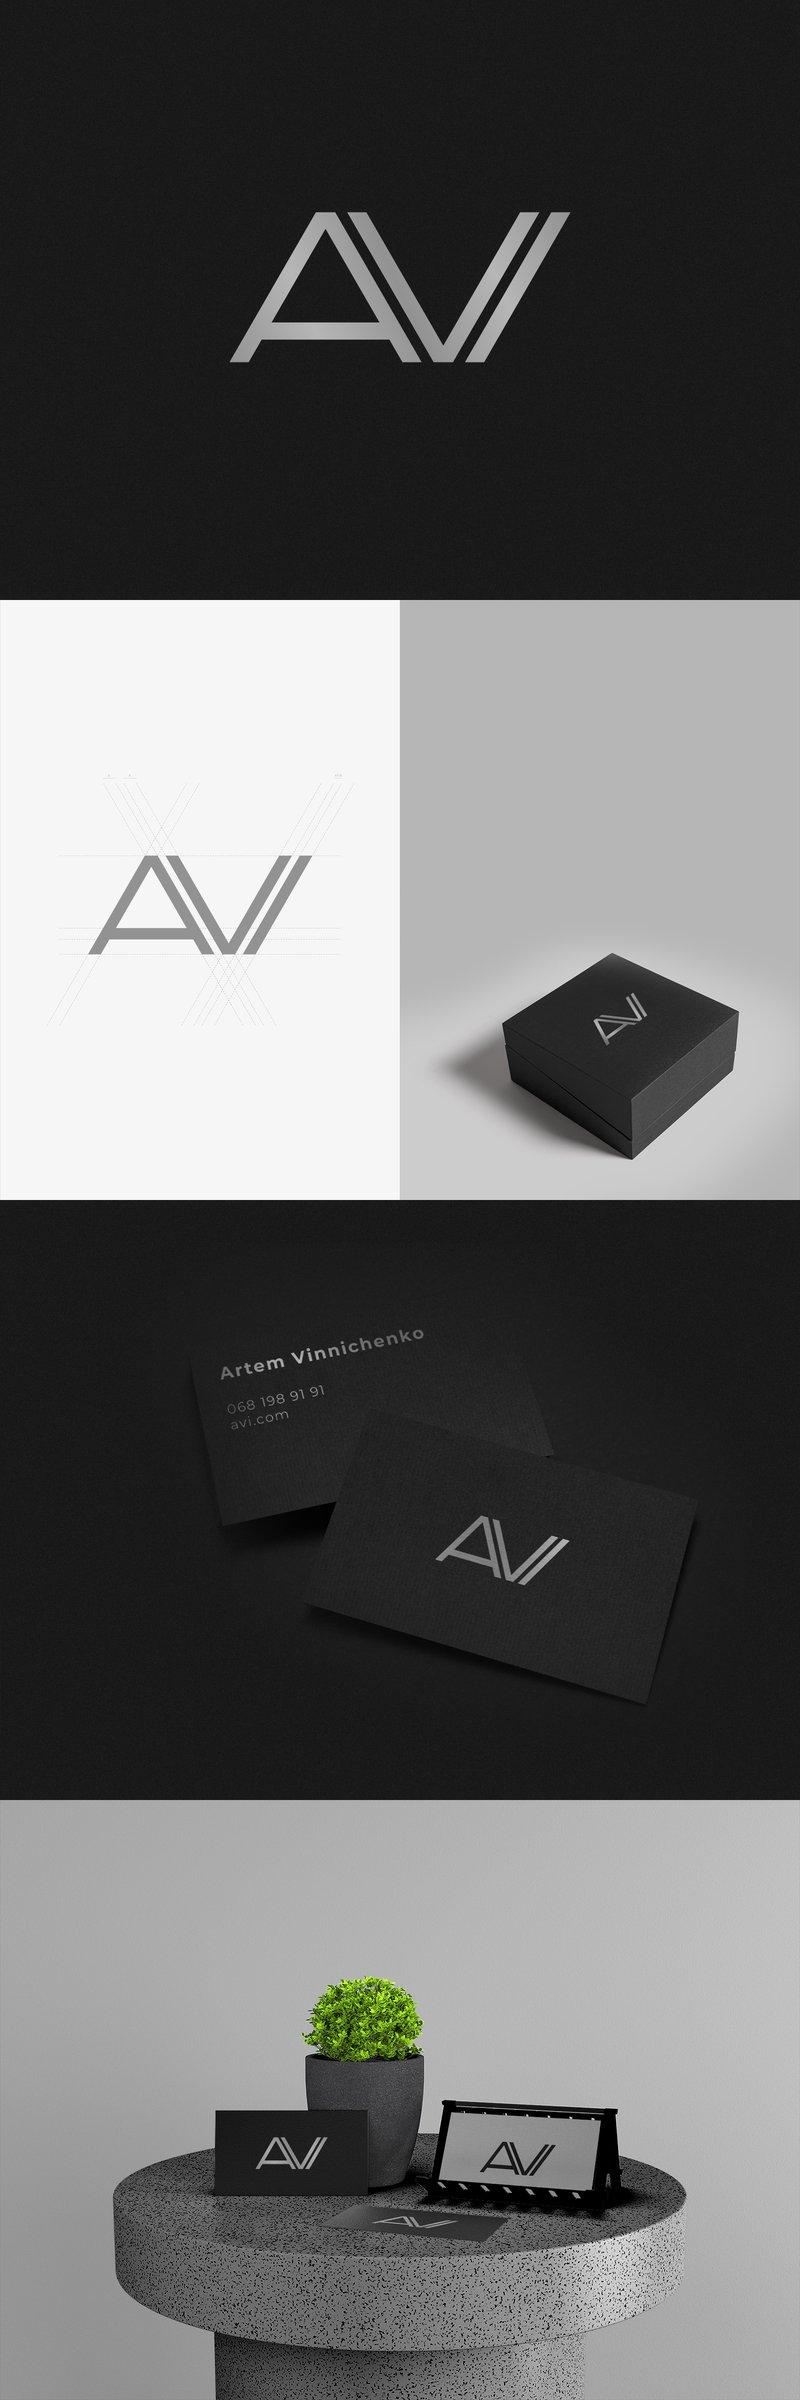 Разработка логотипа AVI – работа в портфолио фрилансера